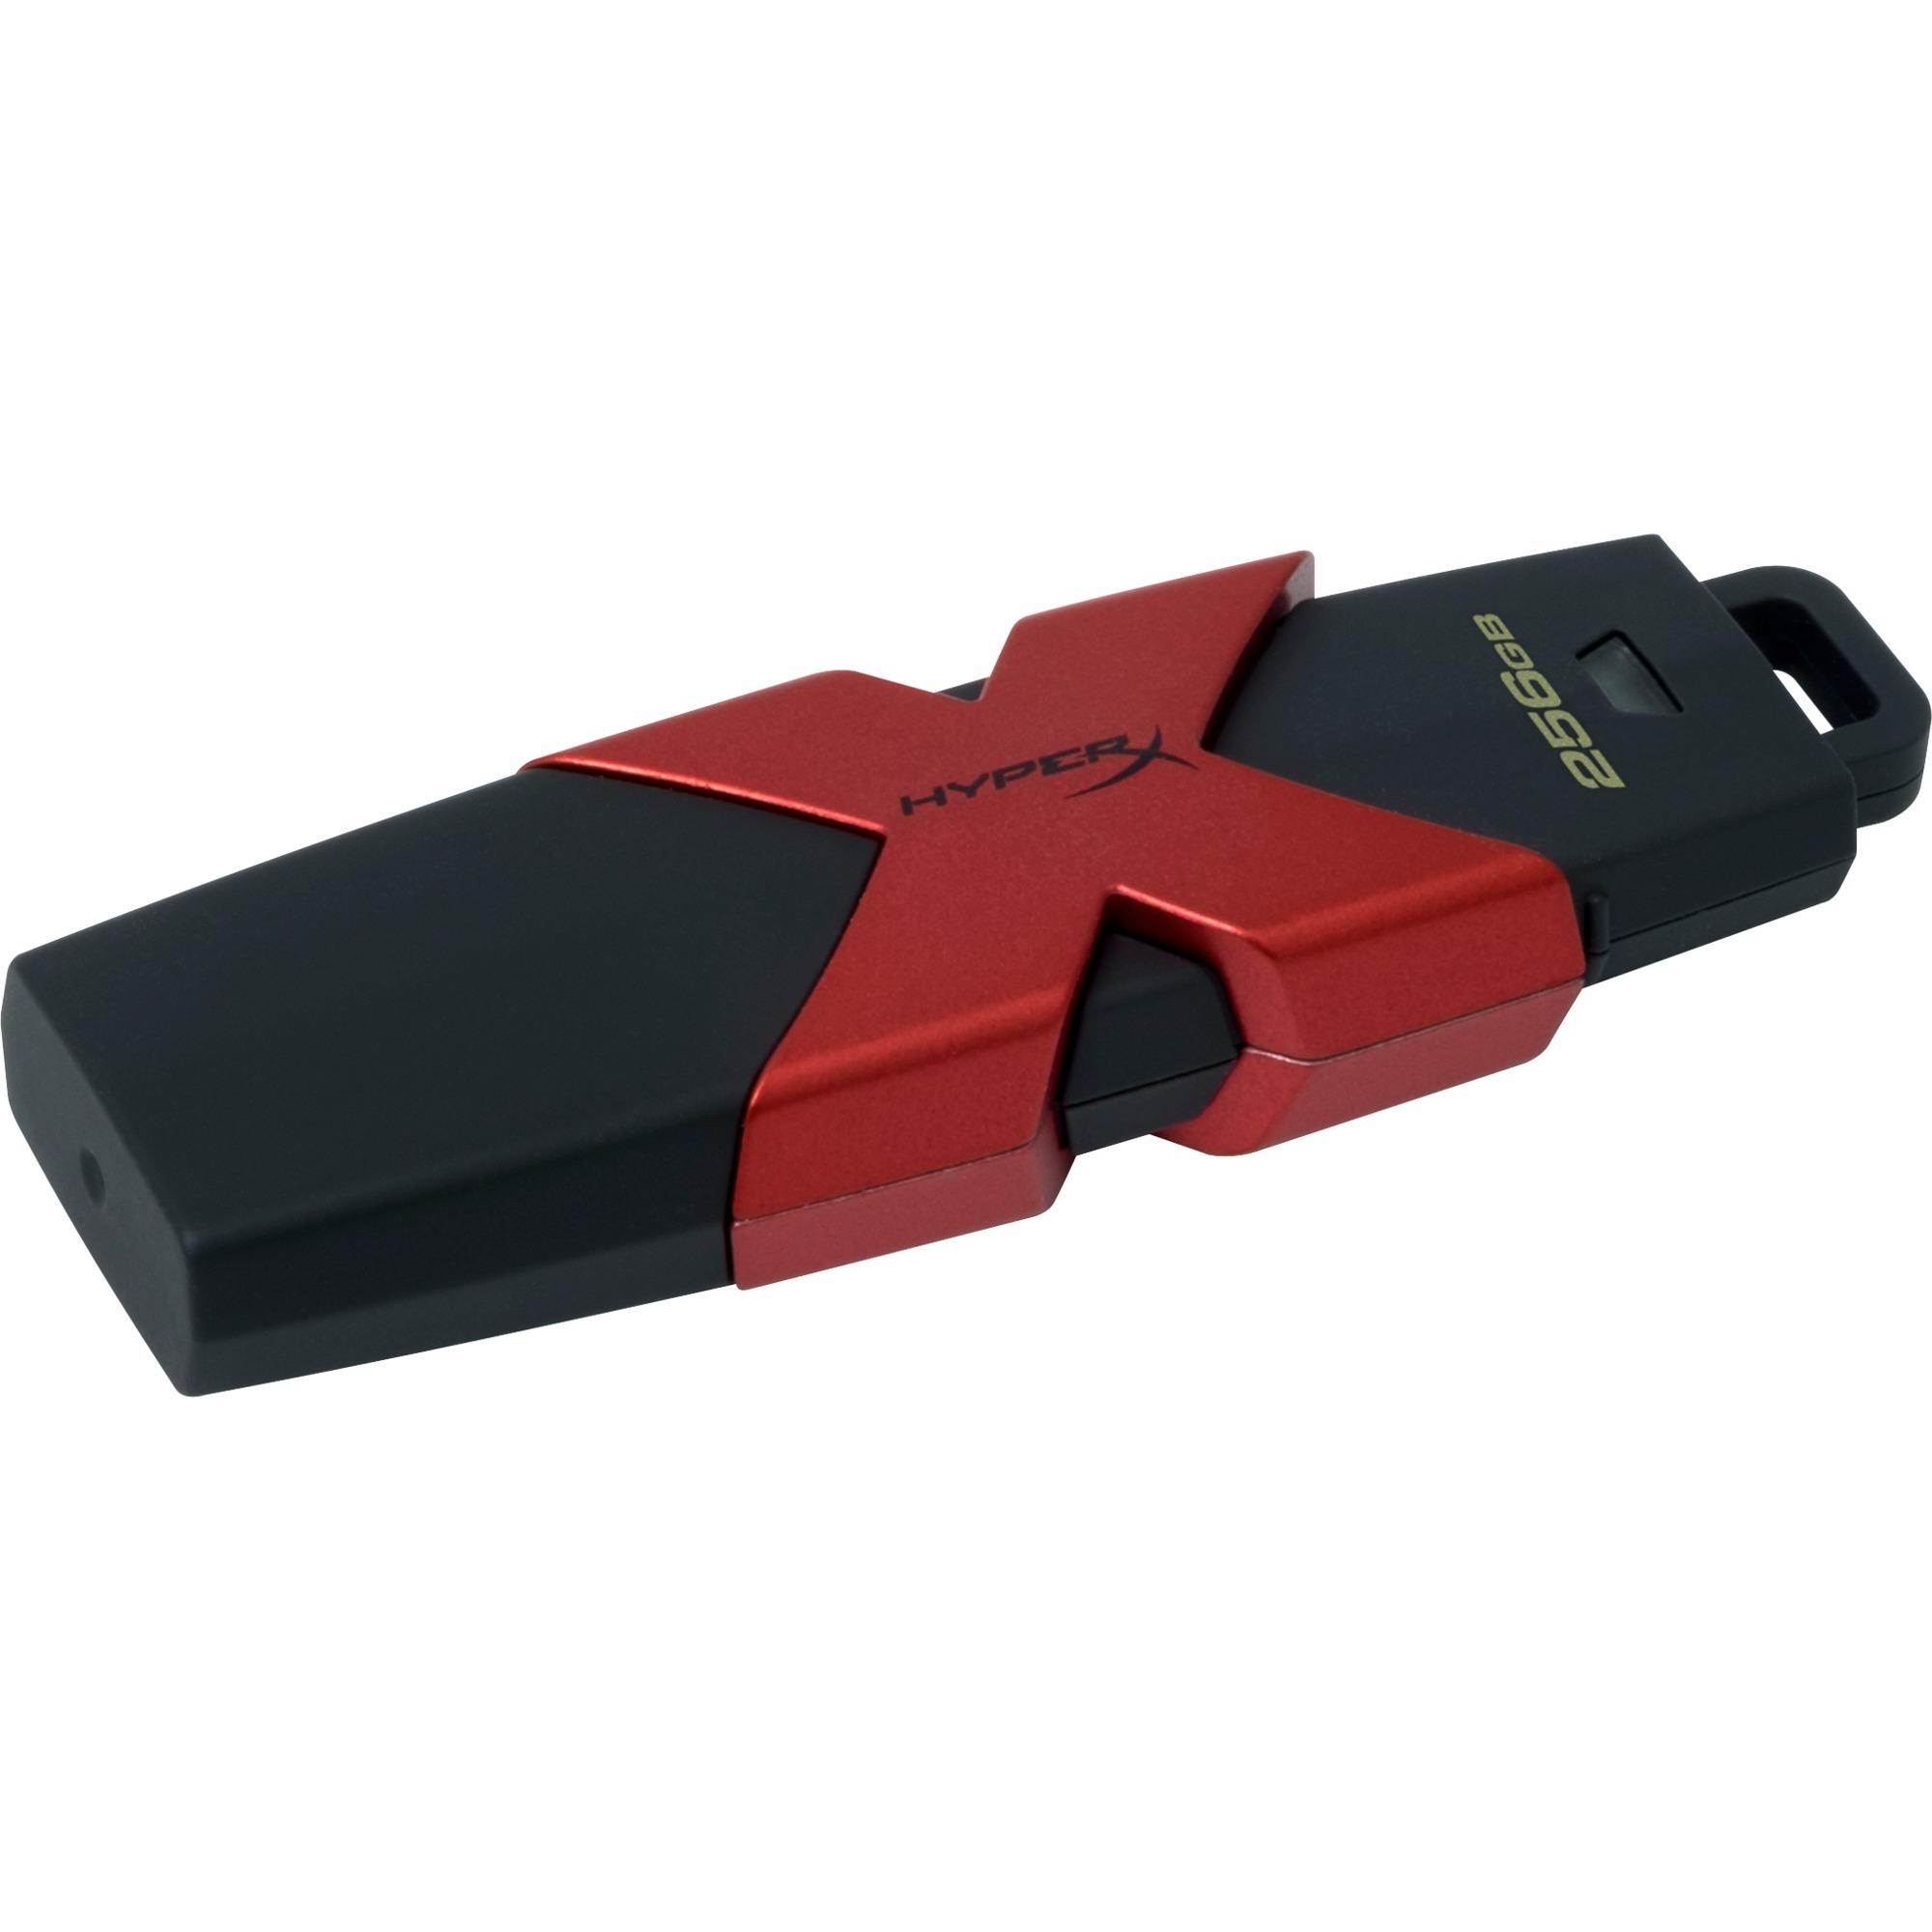 256GB unidad flash USB 3.0 (3.1 Gen 1) Conector USB Tipo A Negro, Rojo, Lápiz USB